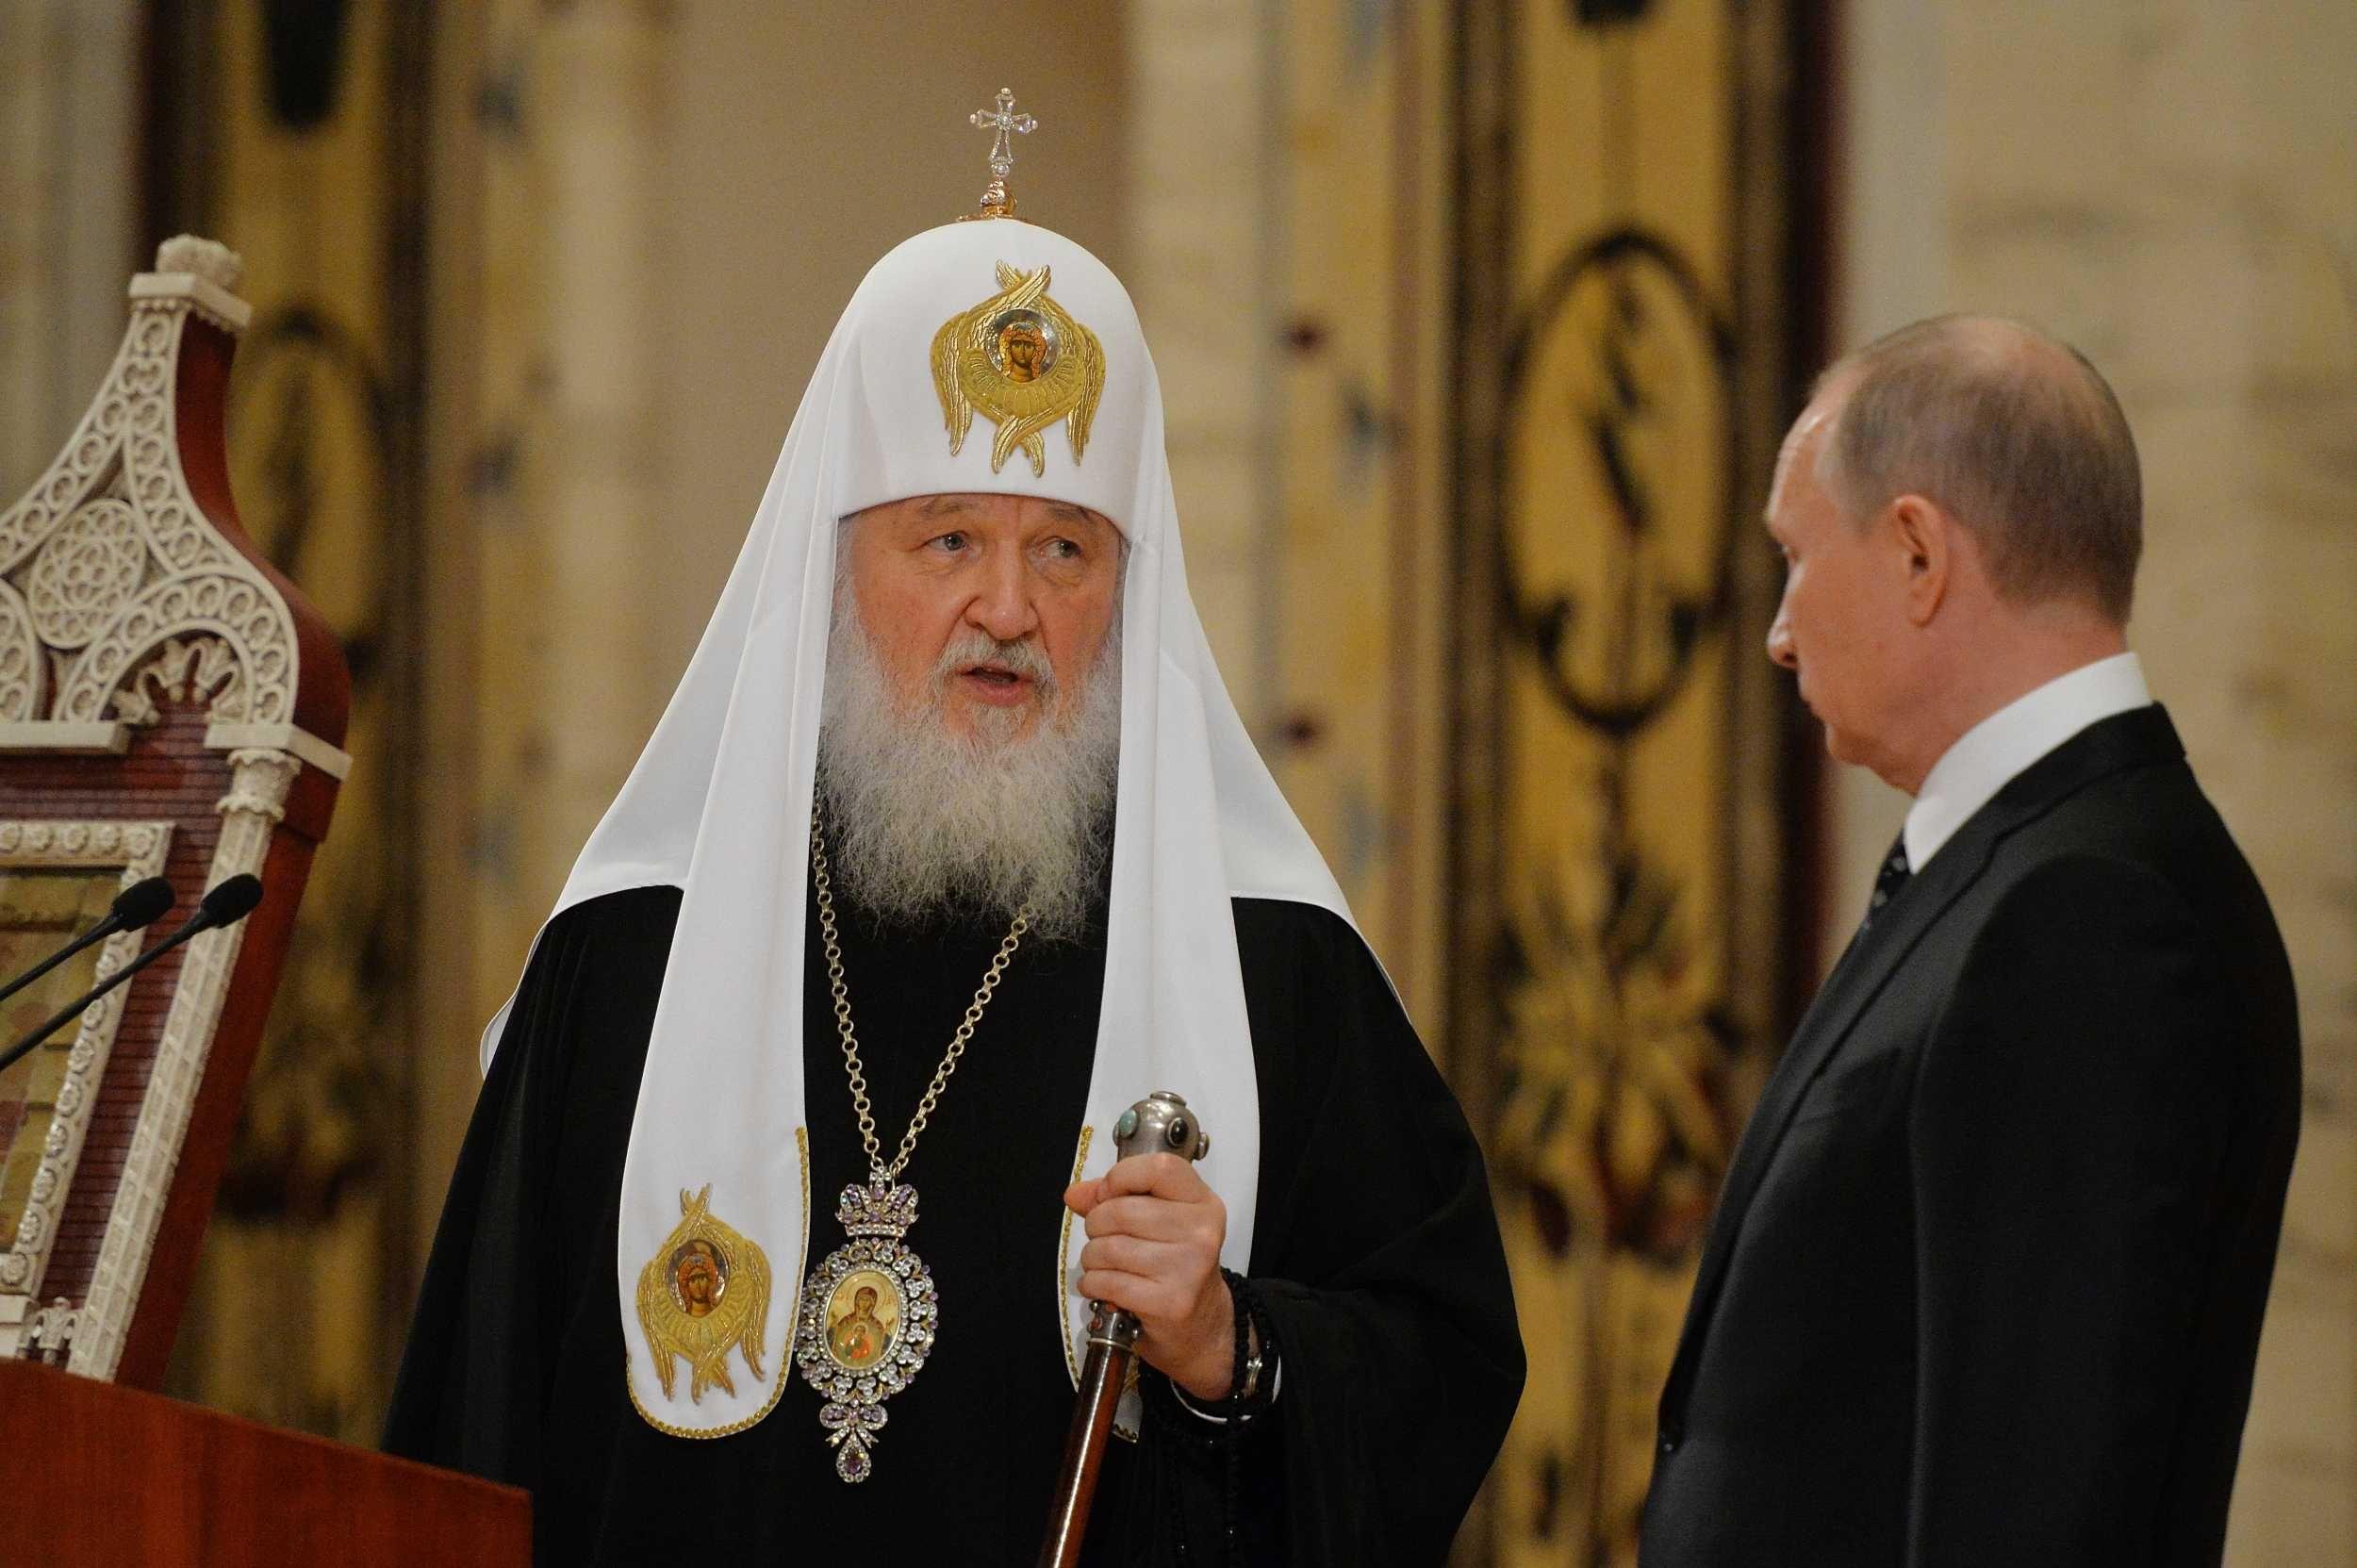 'Його ж не привітали': як в РПЦ реагують на Томос для Православної цер